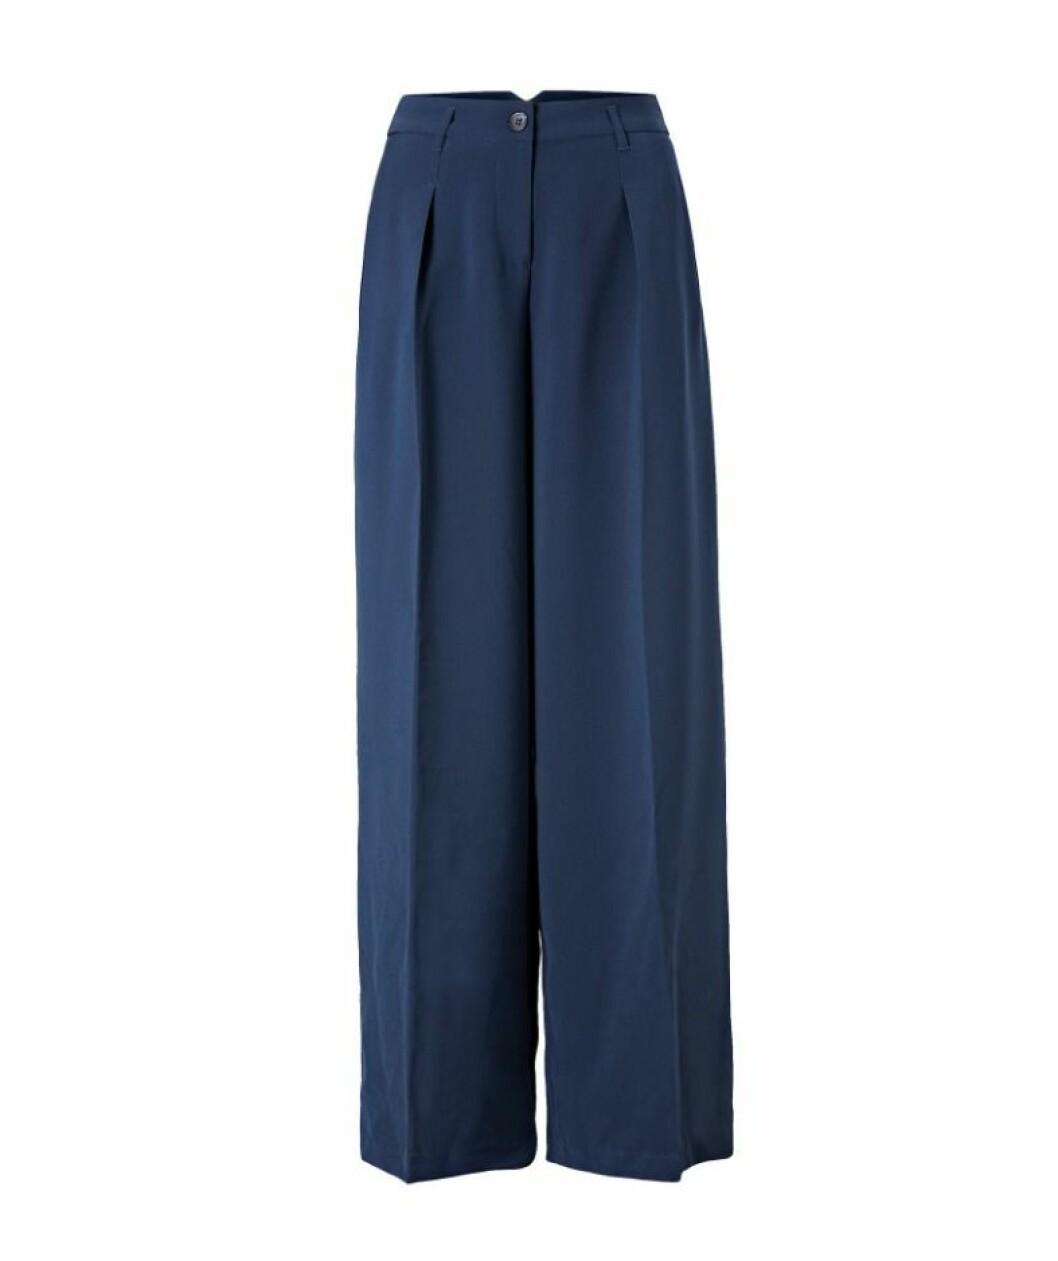 Blå byxor till hösten 2018.